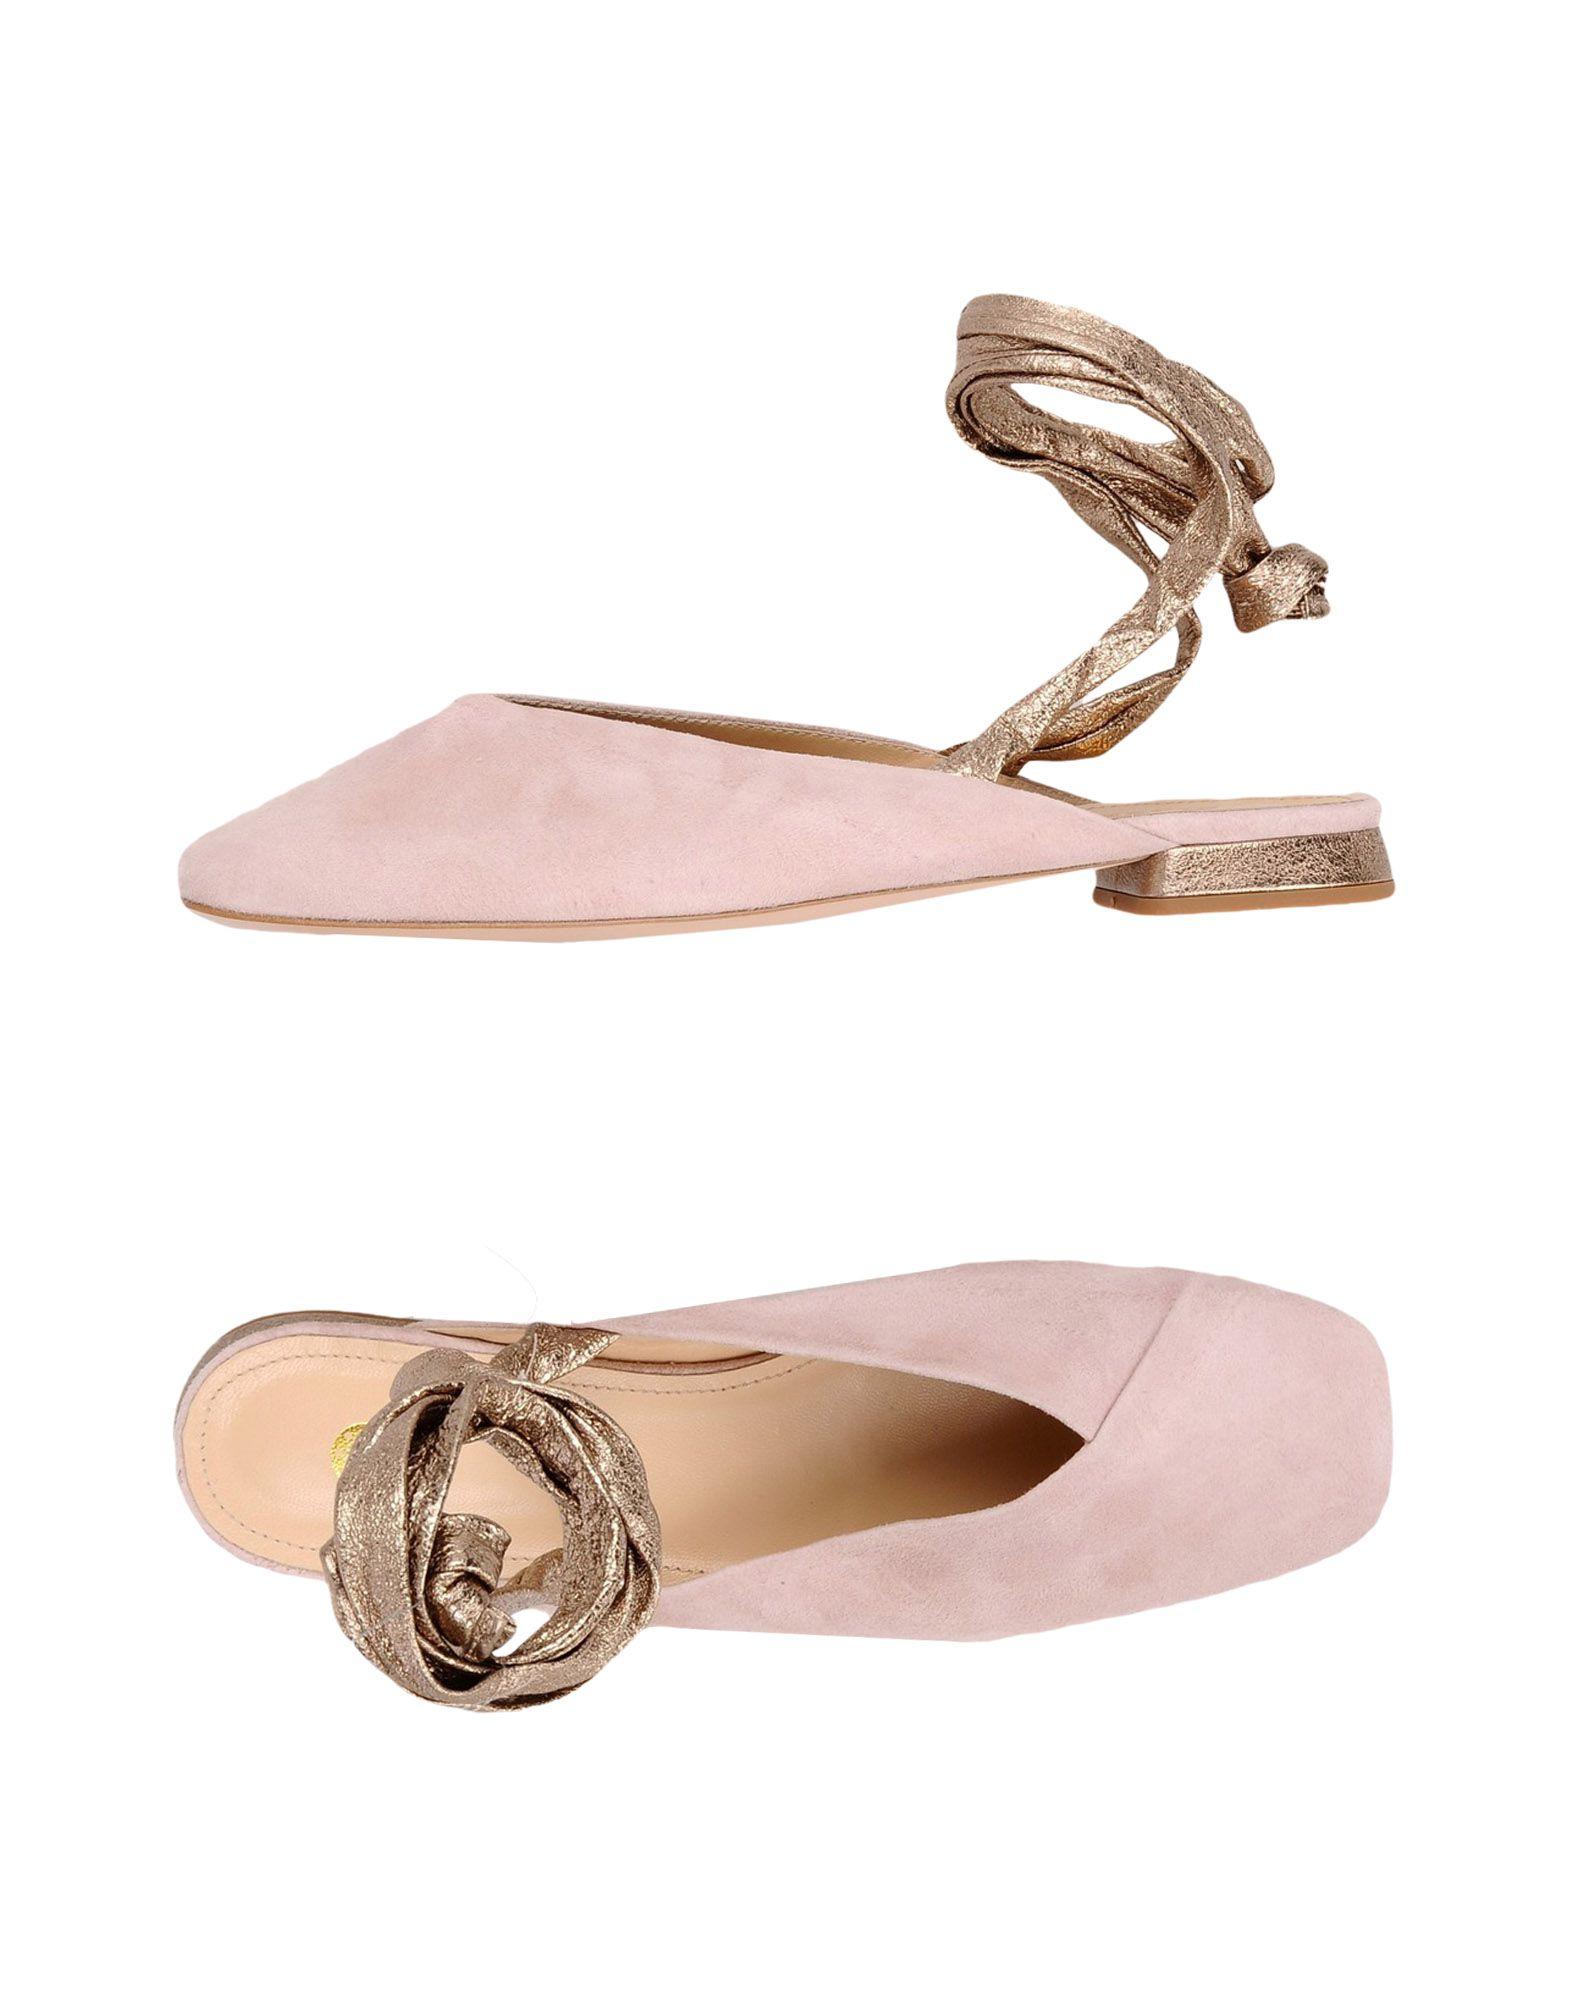 8 Schuhe Ballerinas Damen  11429997JI Heiße Schuhe 8 c83c80